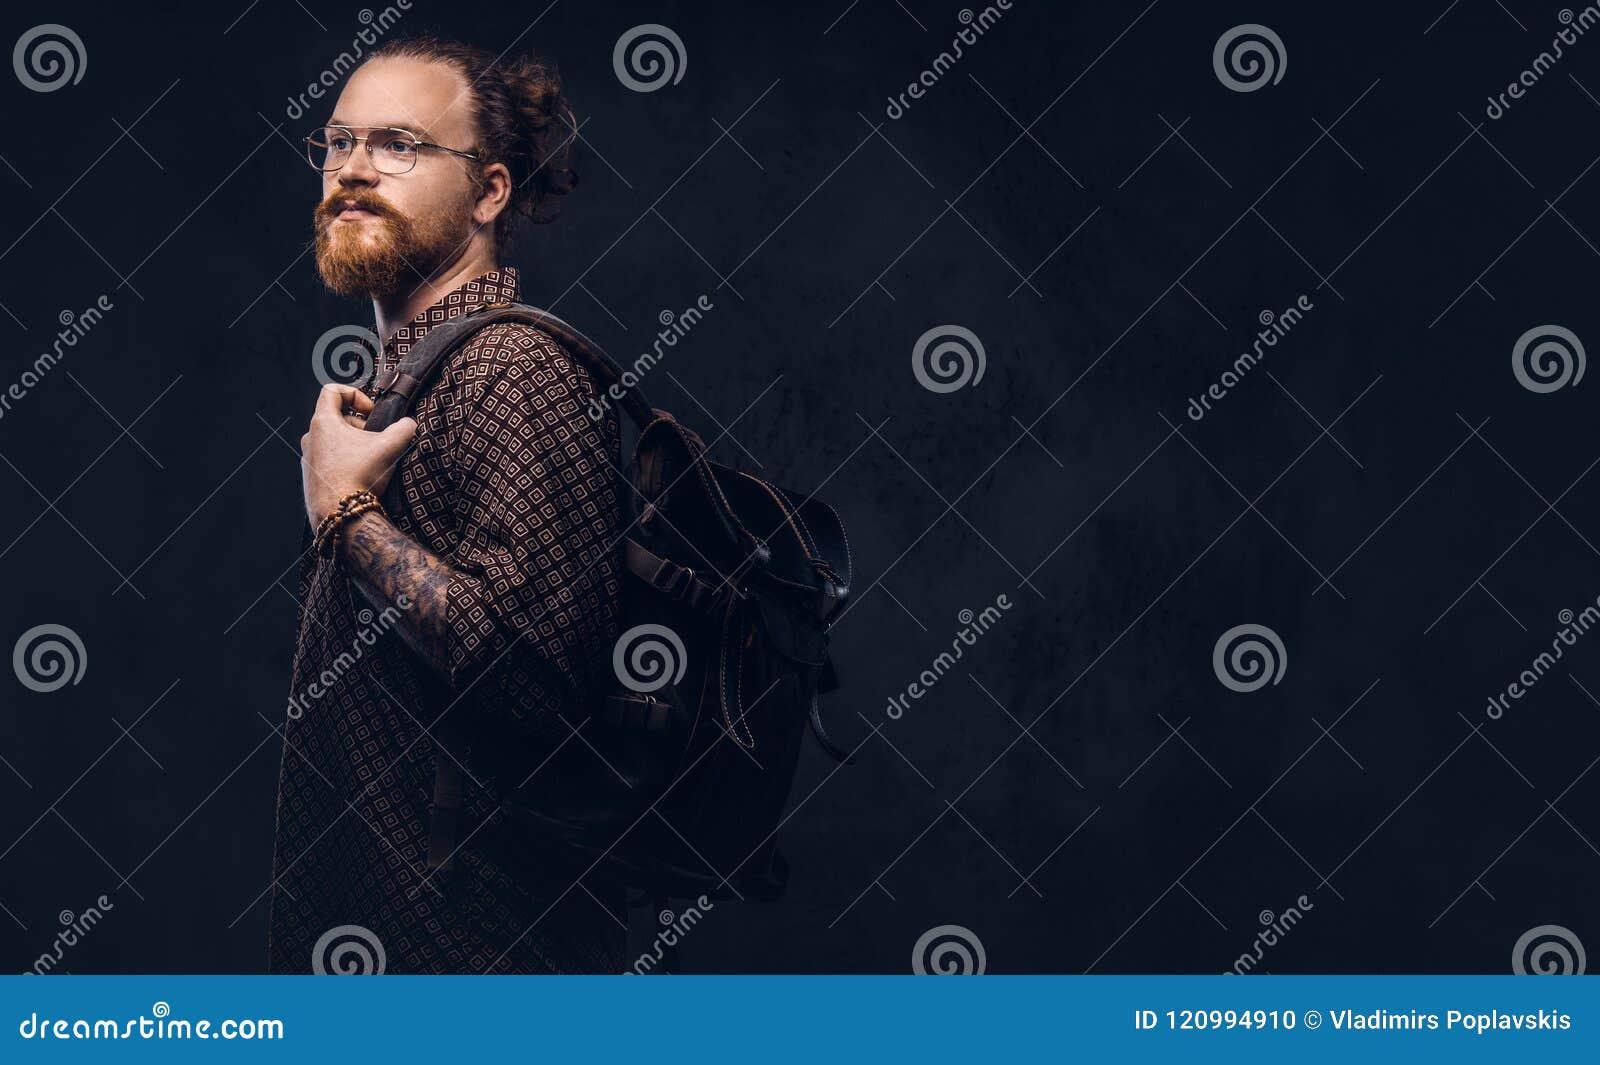 Porträt eines Rothaarigehippie-Studenten in den Gläsern gekleidet in einem Braunhemd, Griffe ein Rucksack, werfend an einem Studi